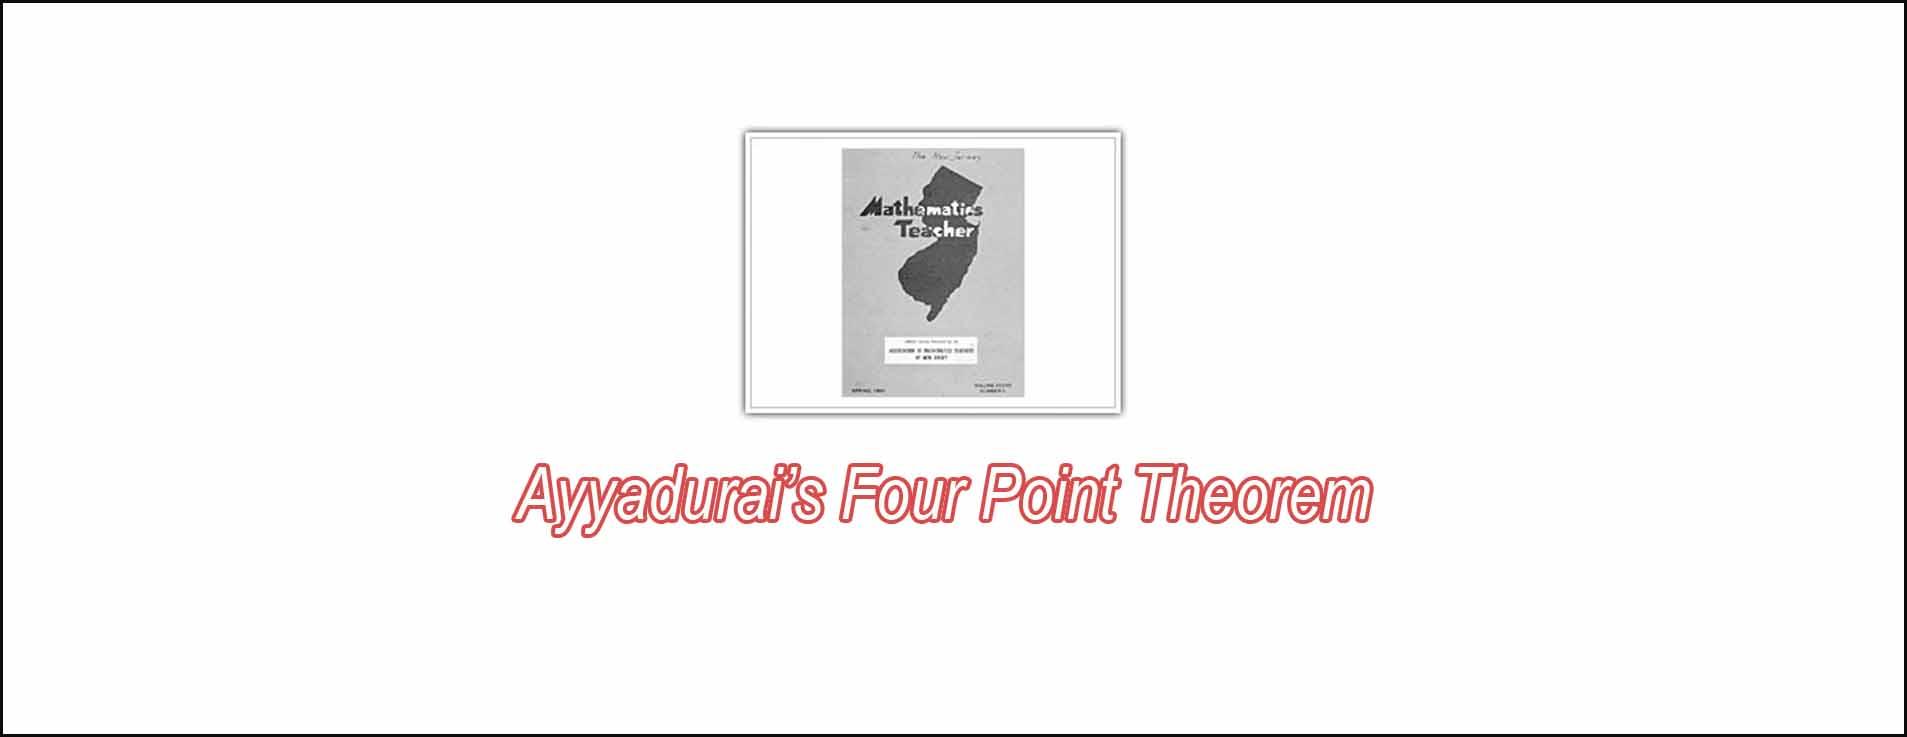 Ayyadurai's Four Point Theorem